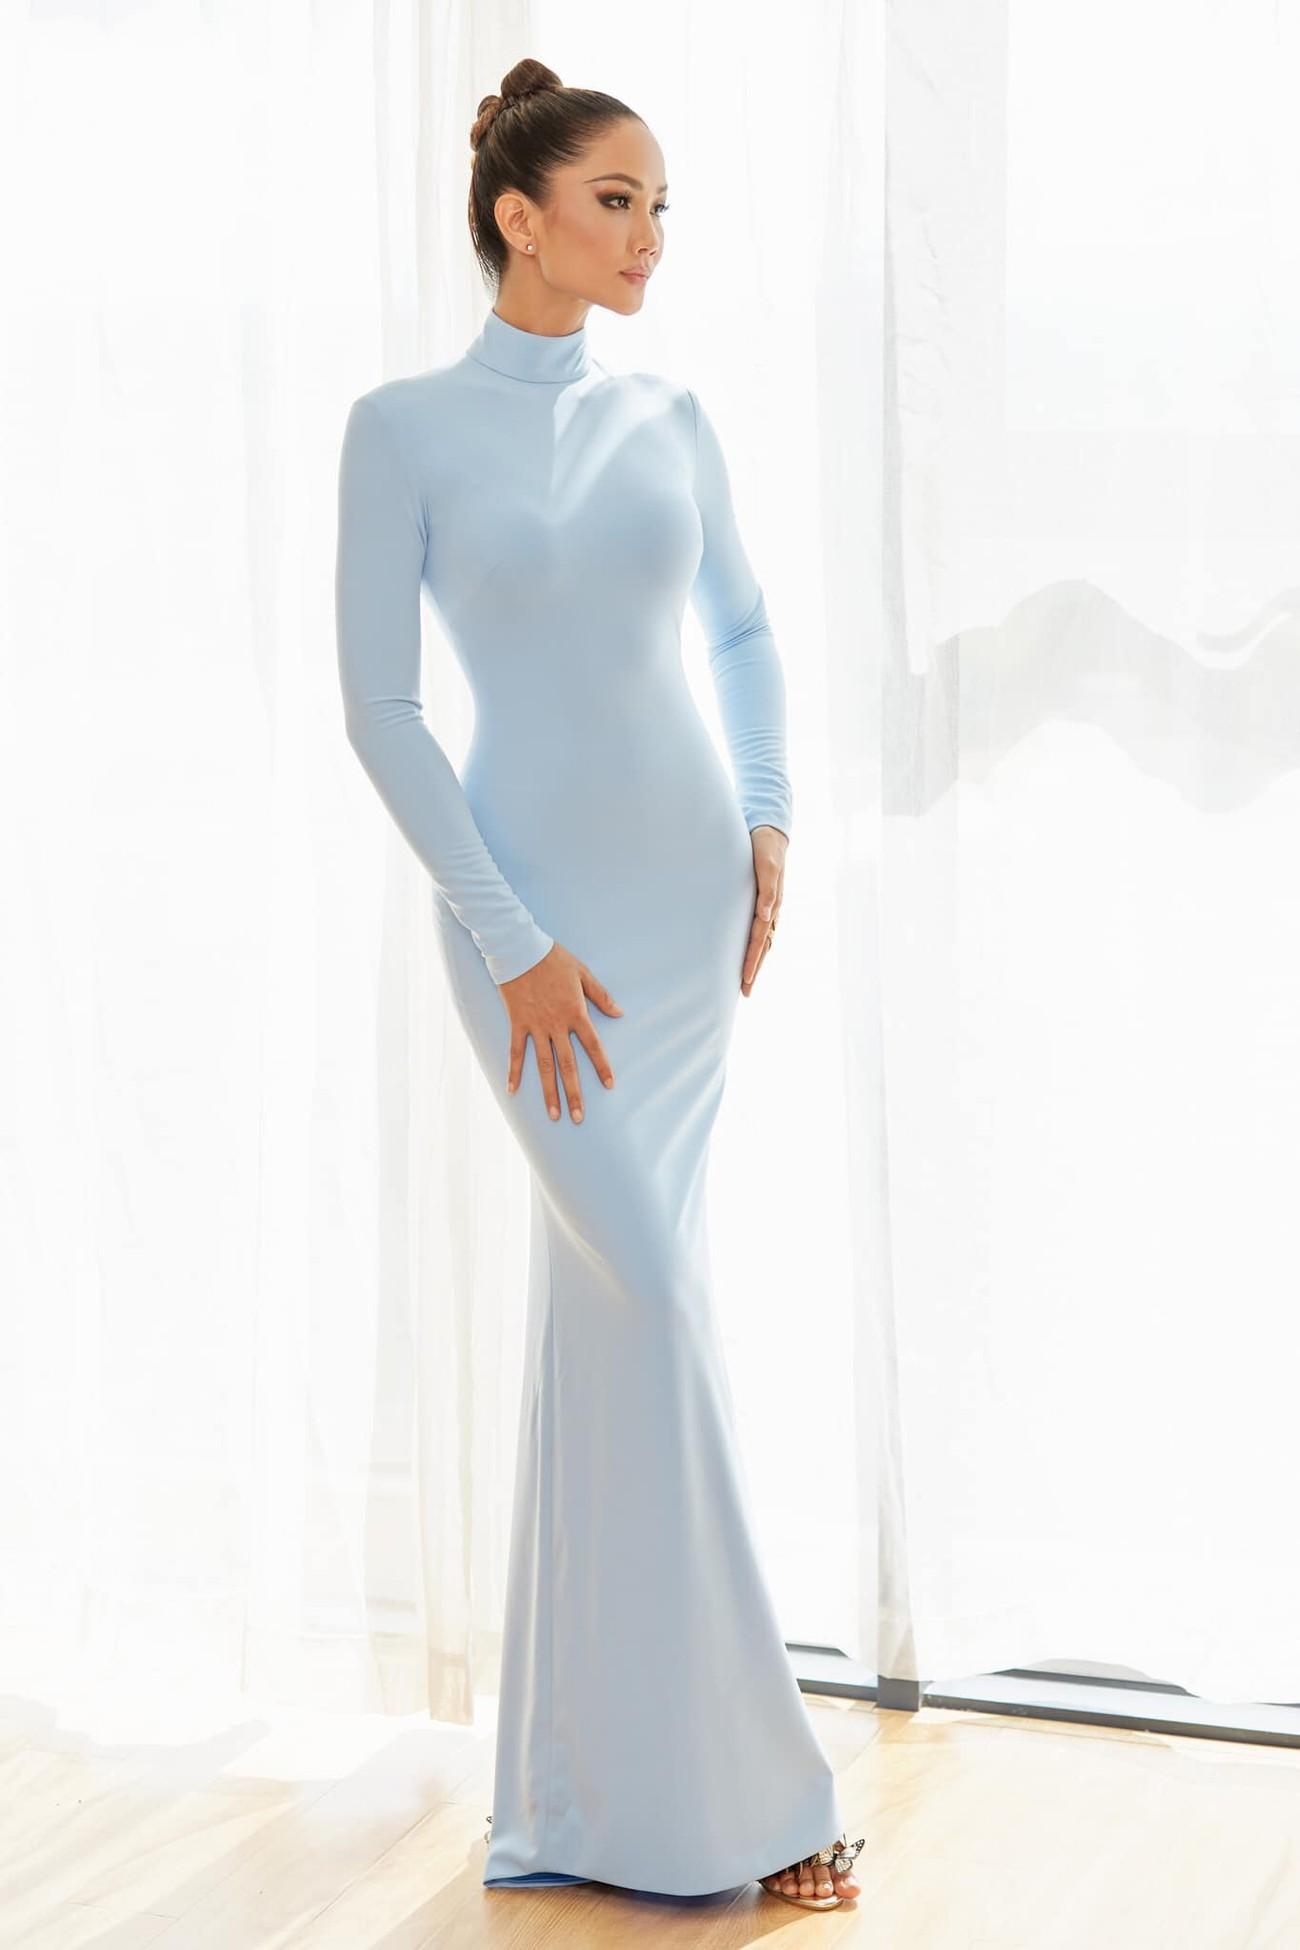 H'Hen Niê mặc kín mít vẫn lộ body nóng bỏng, Võ Hoàng Yến hoá cô dâu trên sàn diễn ảnh 1